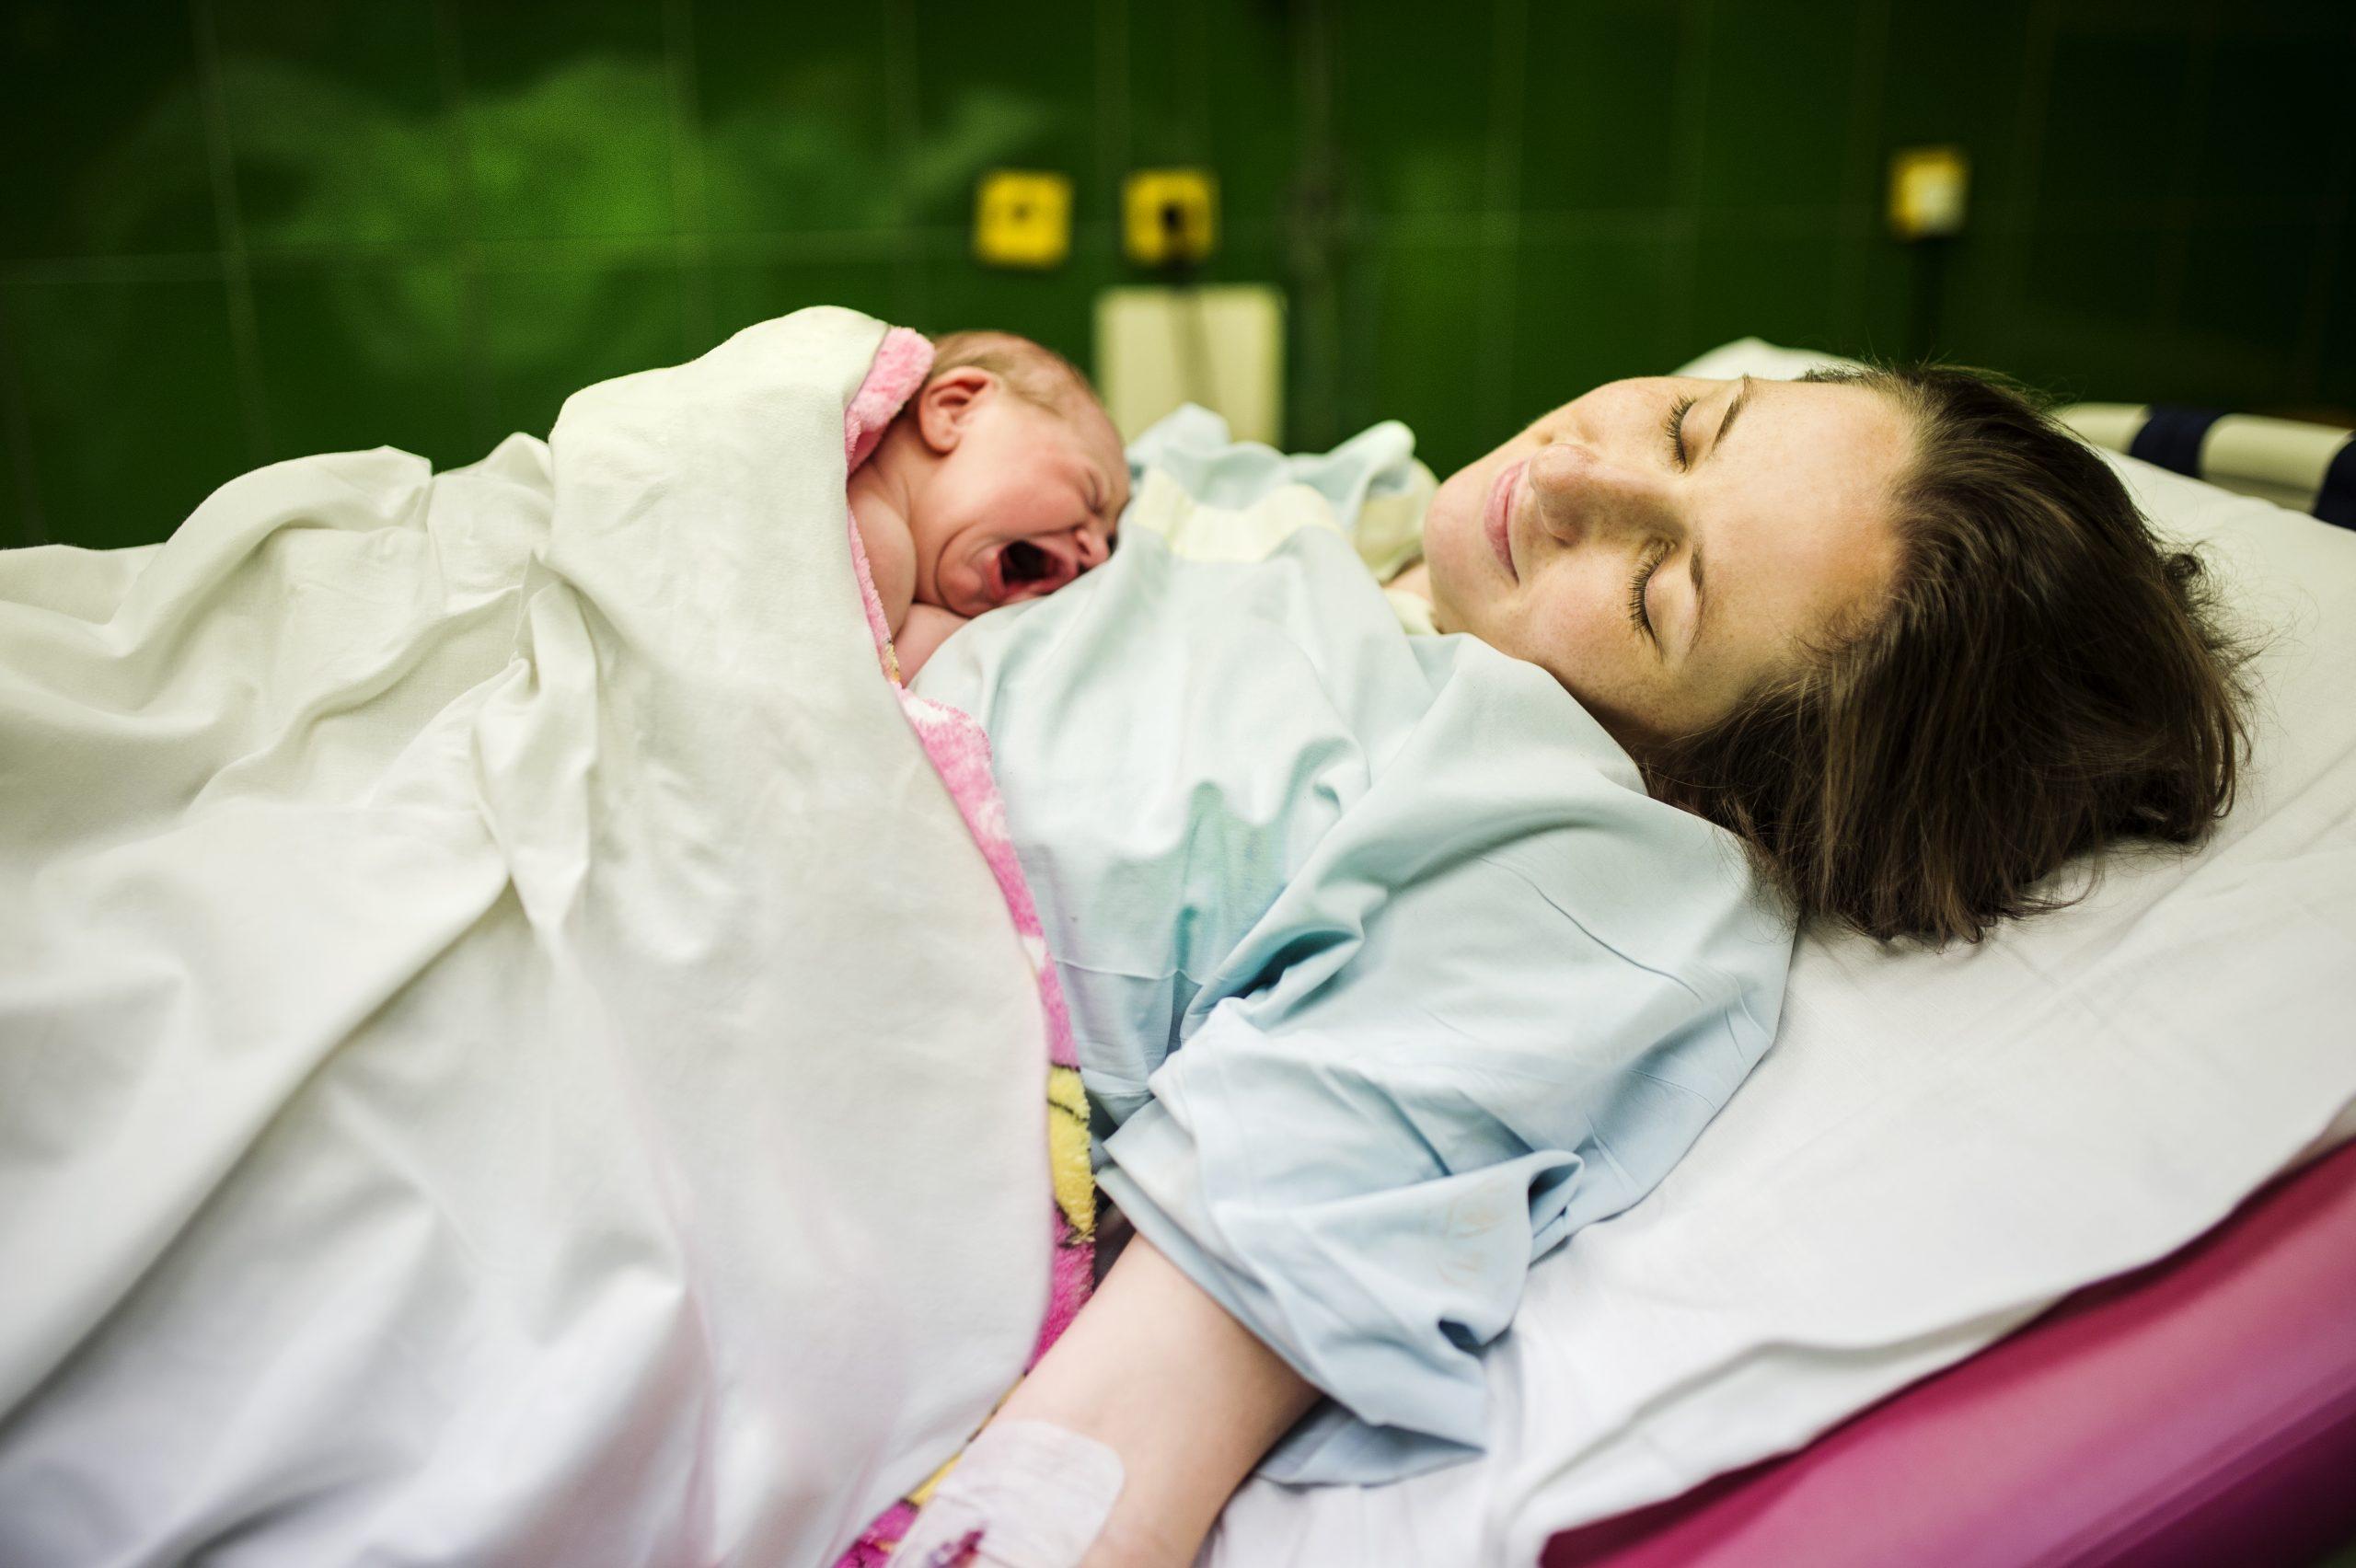 """Naștere la 21 de ani. """"De ce să alegem nașterea artificială când corpul e făcut să nască natural?"""""""